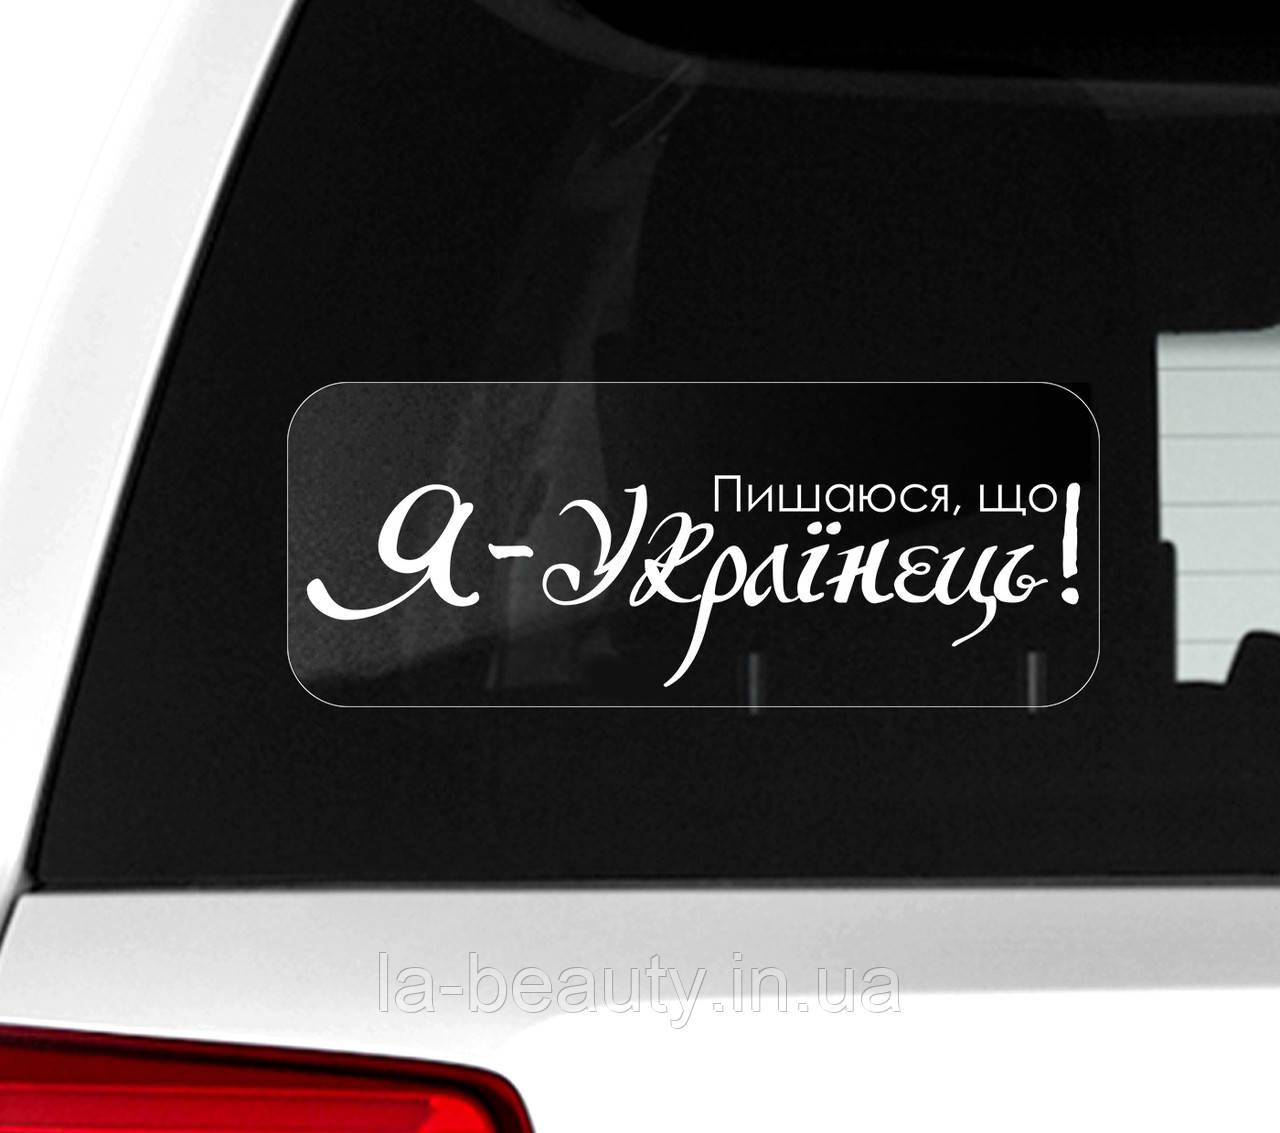 Автомобильная наклейка на стекло Пишаюся, що Я - Українець! (Горжусь, что Я - Украинец!)